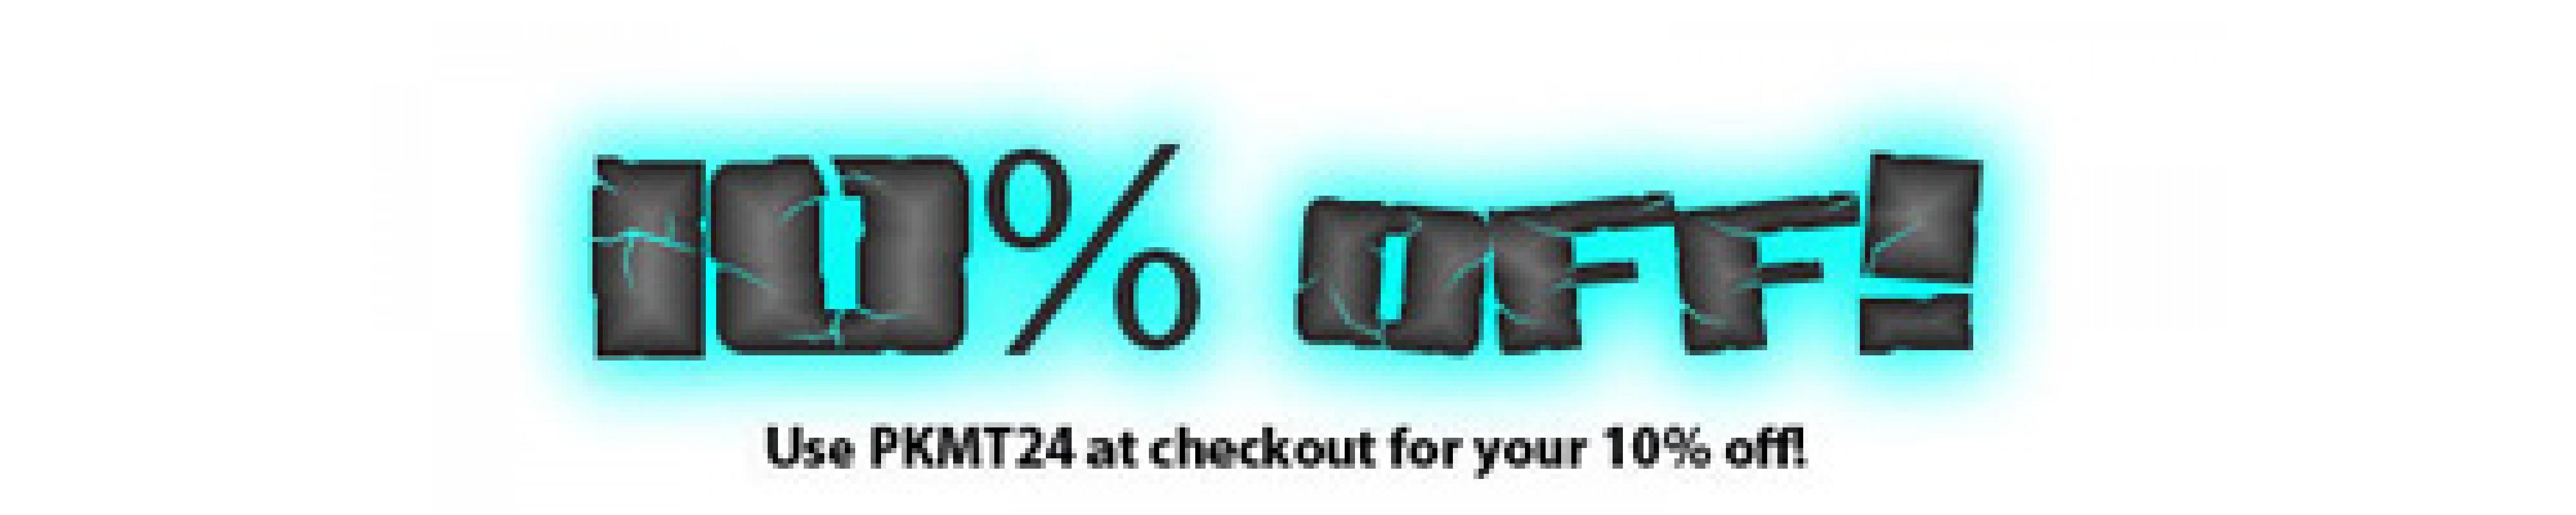 a10%off